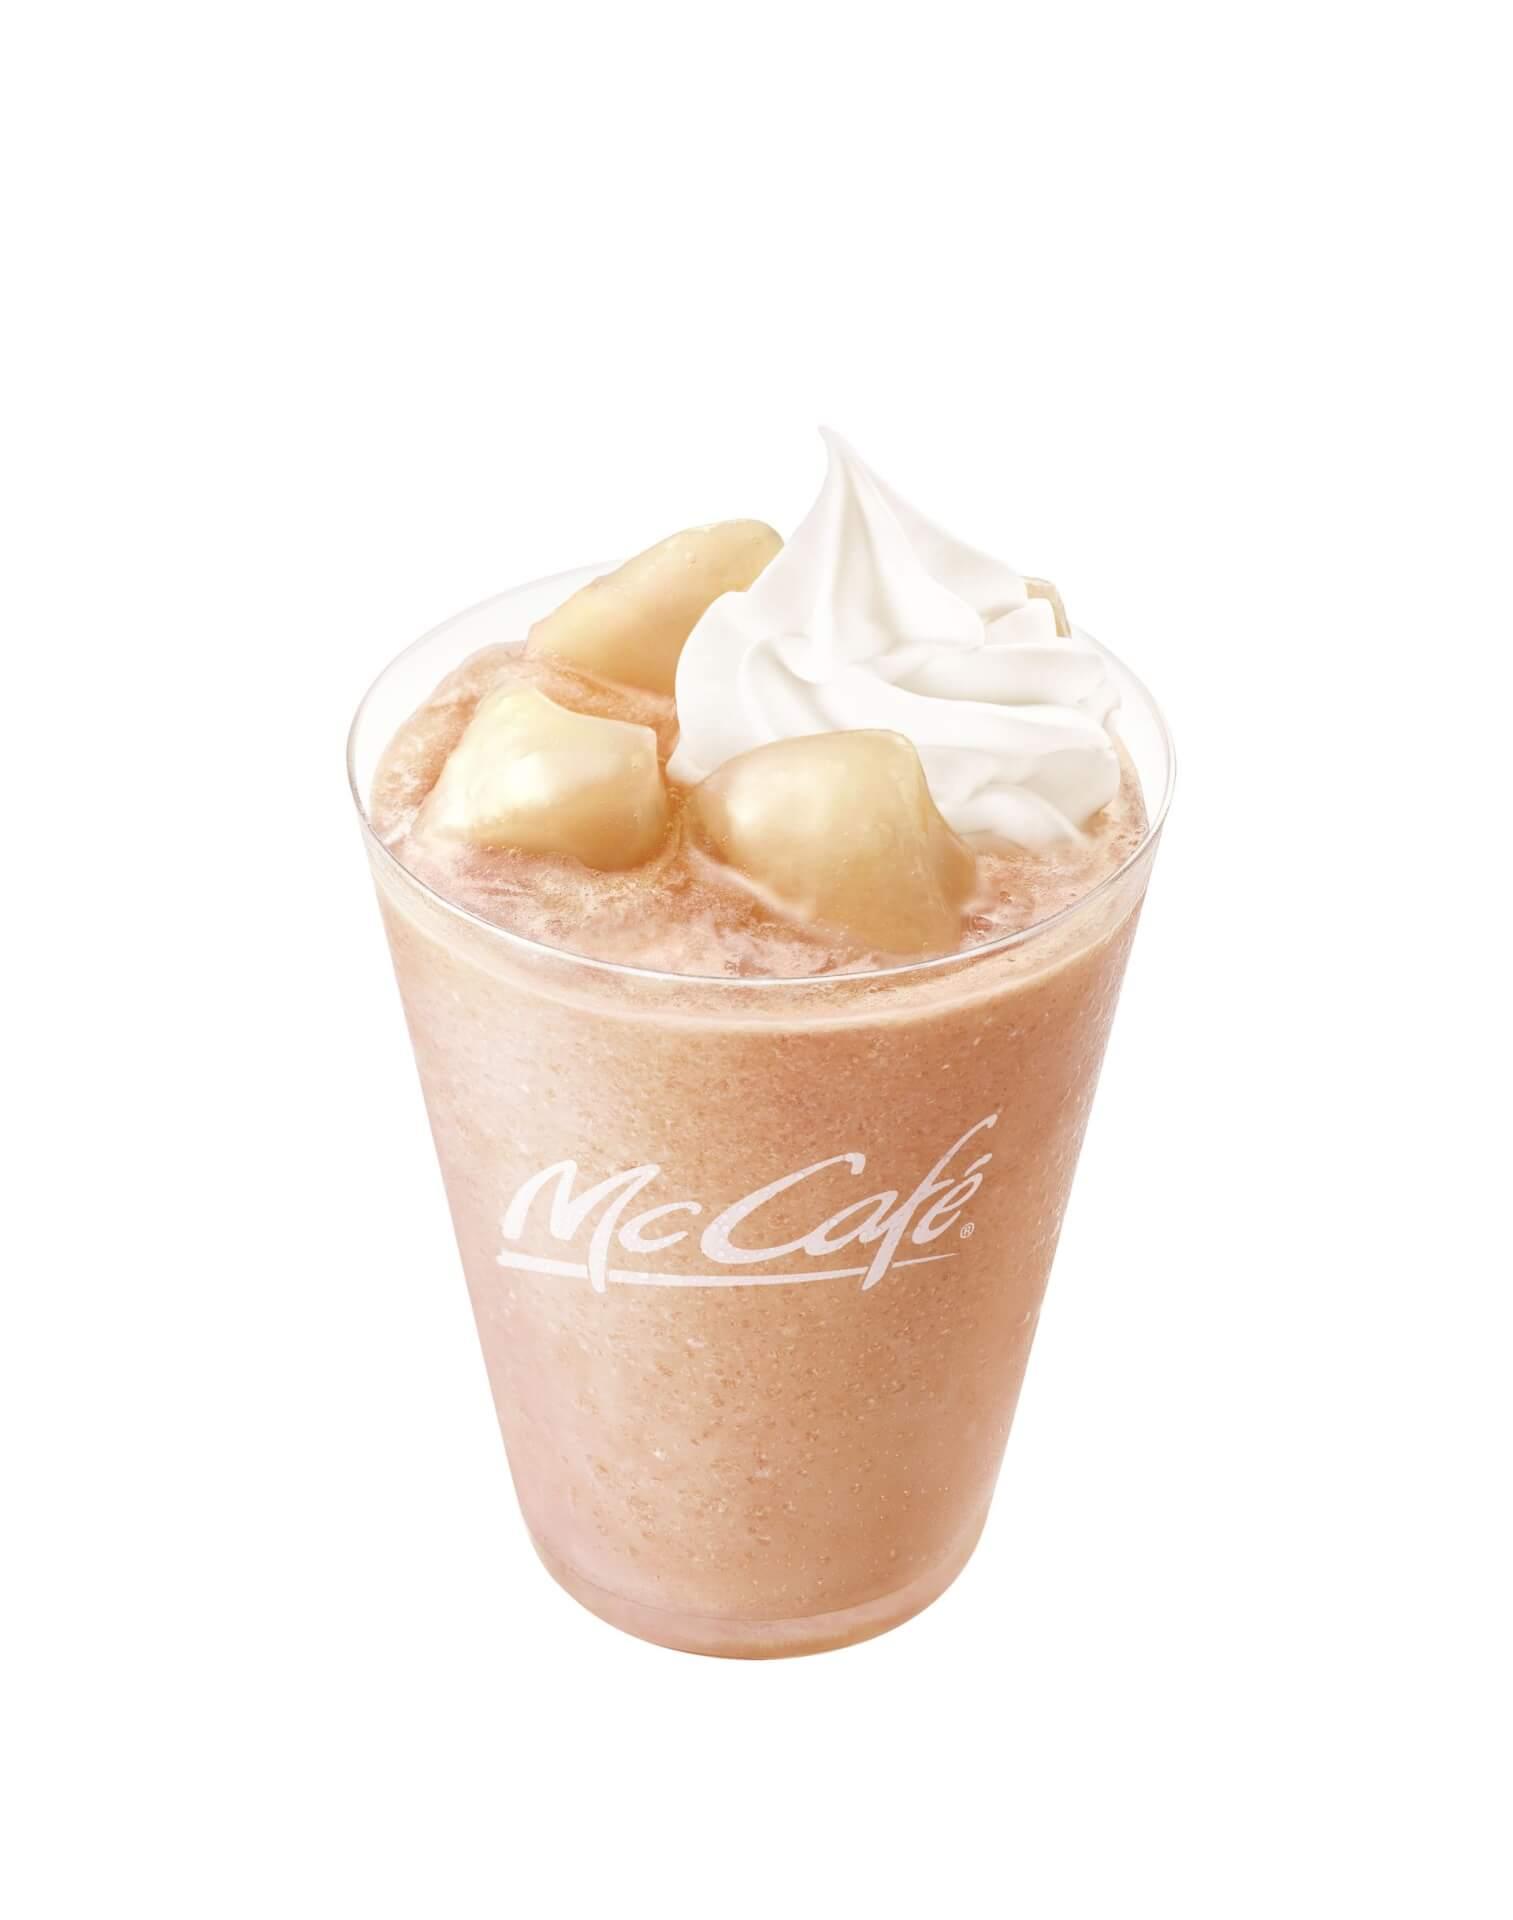 マクドナルド「マックカフェ」の定番「もものスムージー」が桃感アップで新登場!フラッペも発売 gourmet210420_mcdonald_momo_1